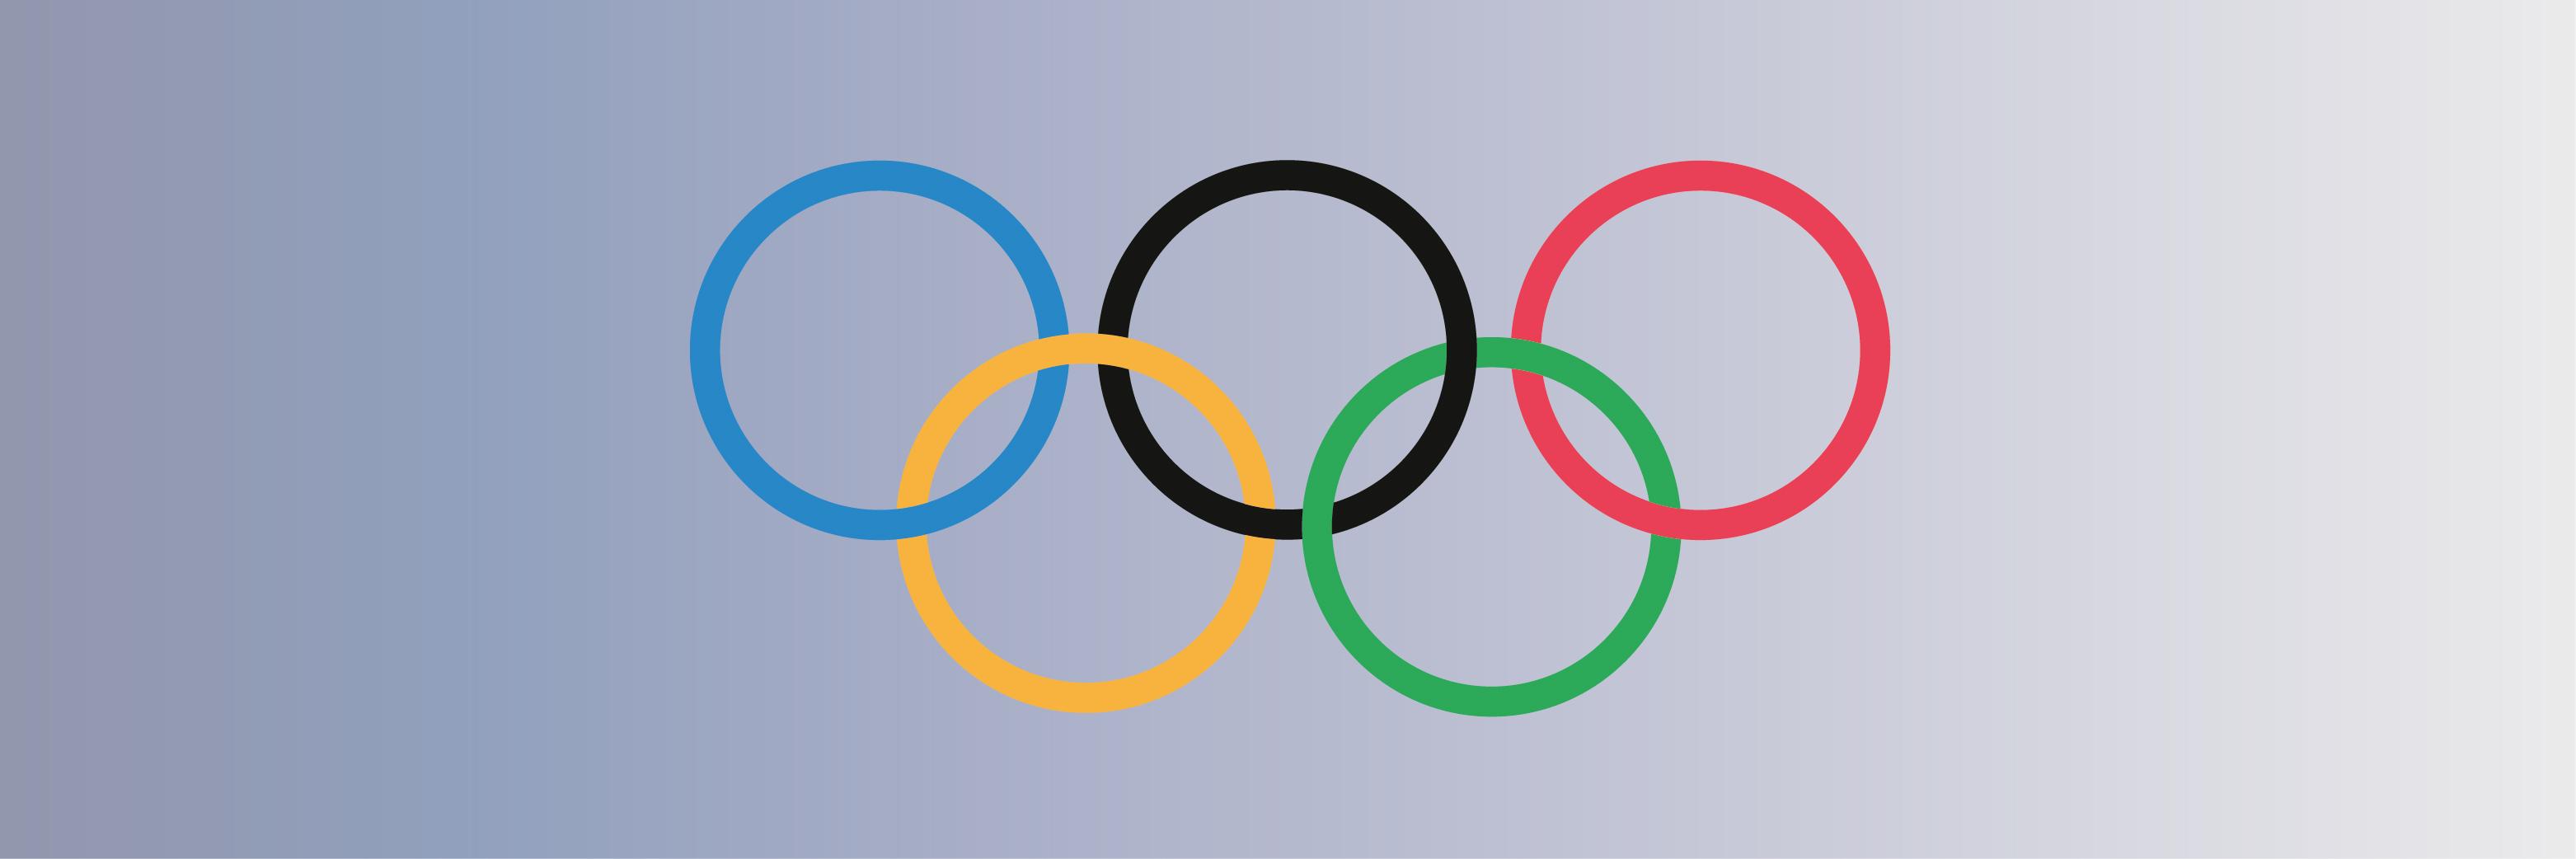 كيف تجد وظيفة في دورة الألعاب الأولمبية؟